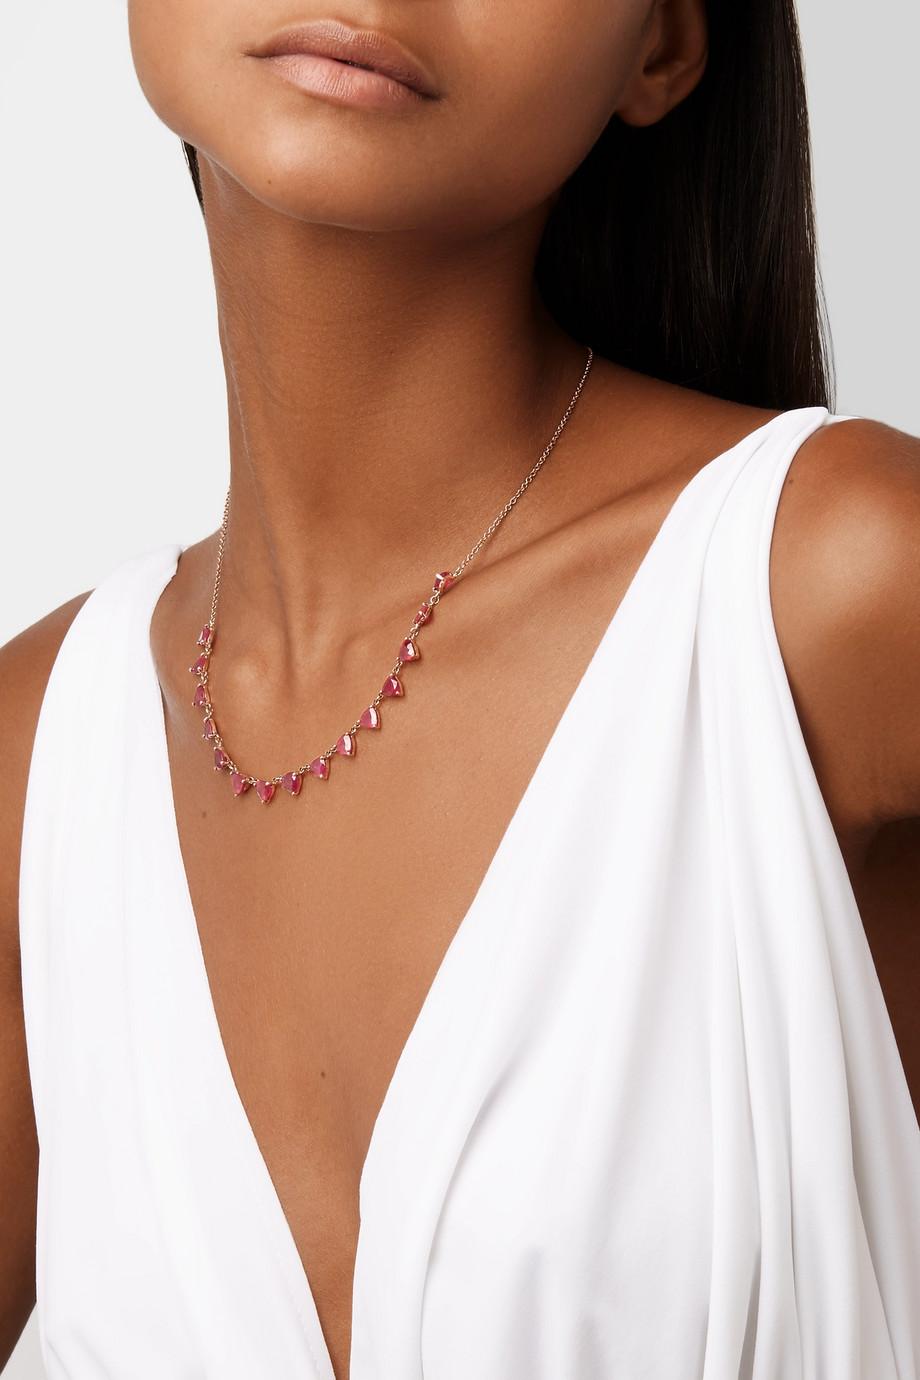 تسوقي مجوهرات الياقوت الأحمر المرفقة